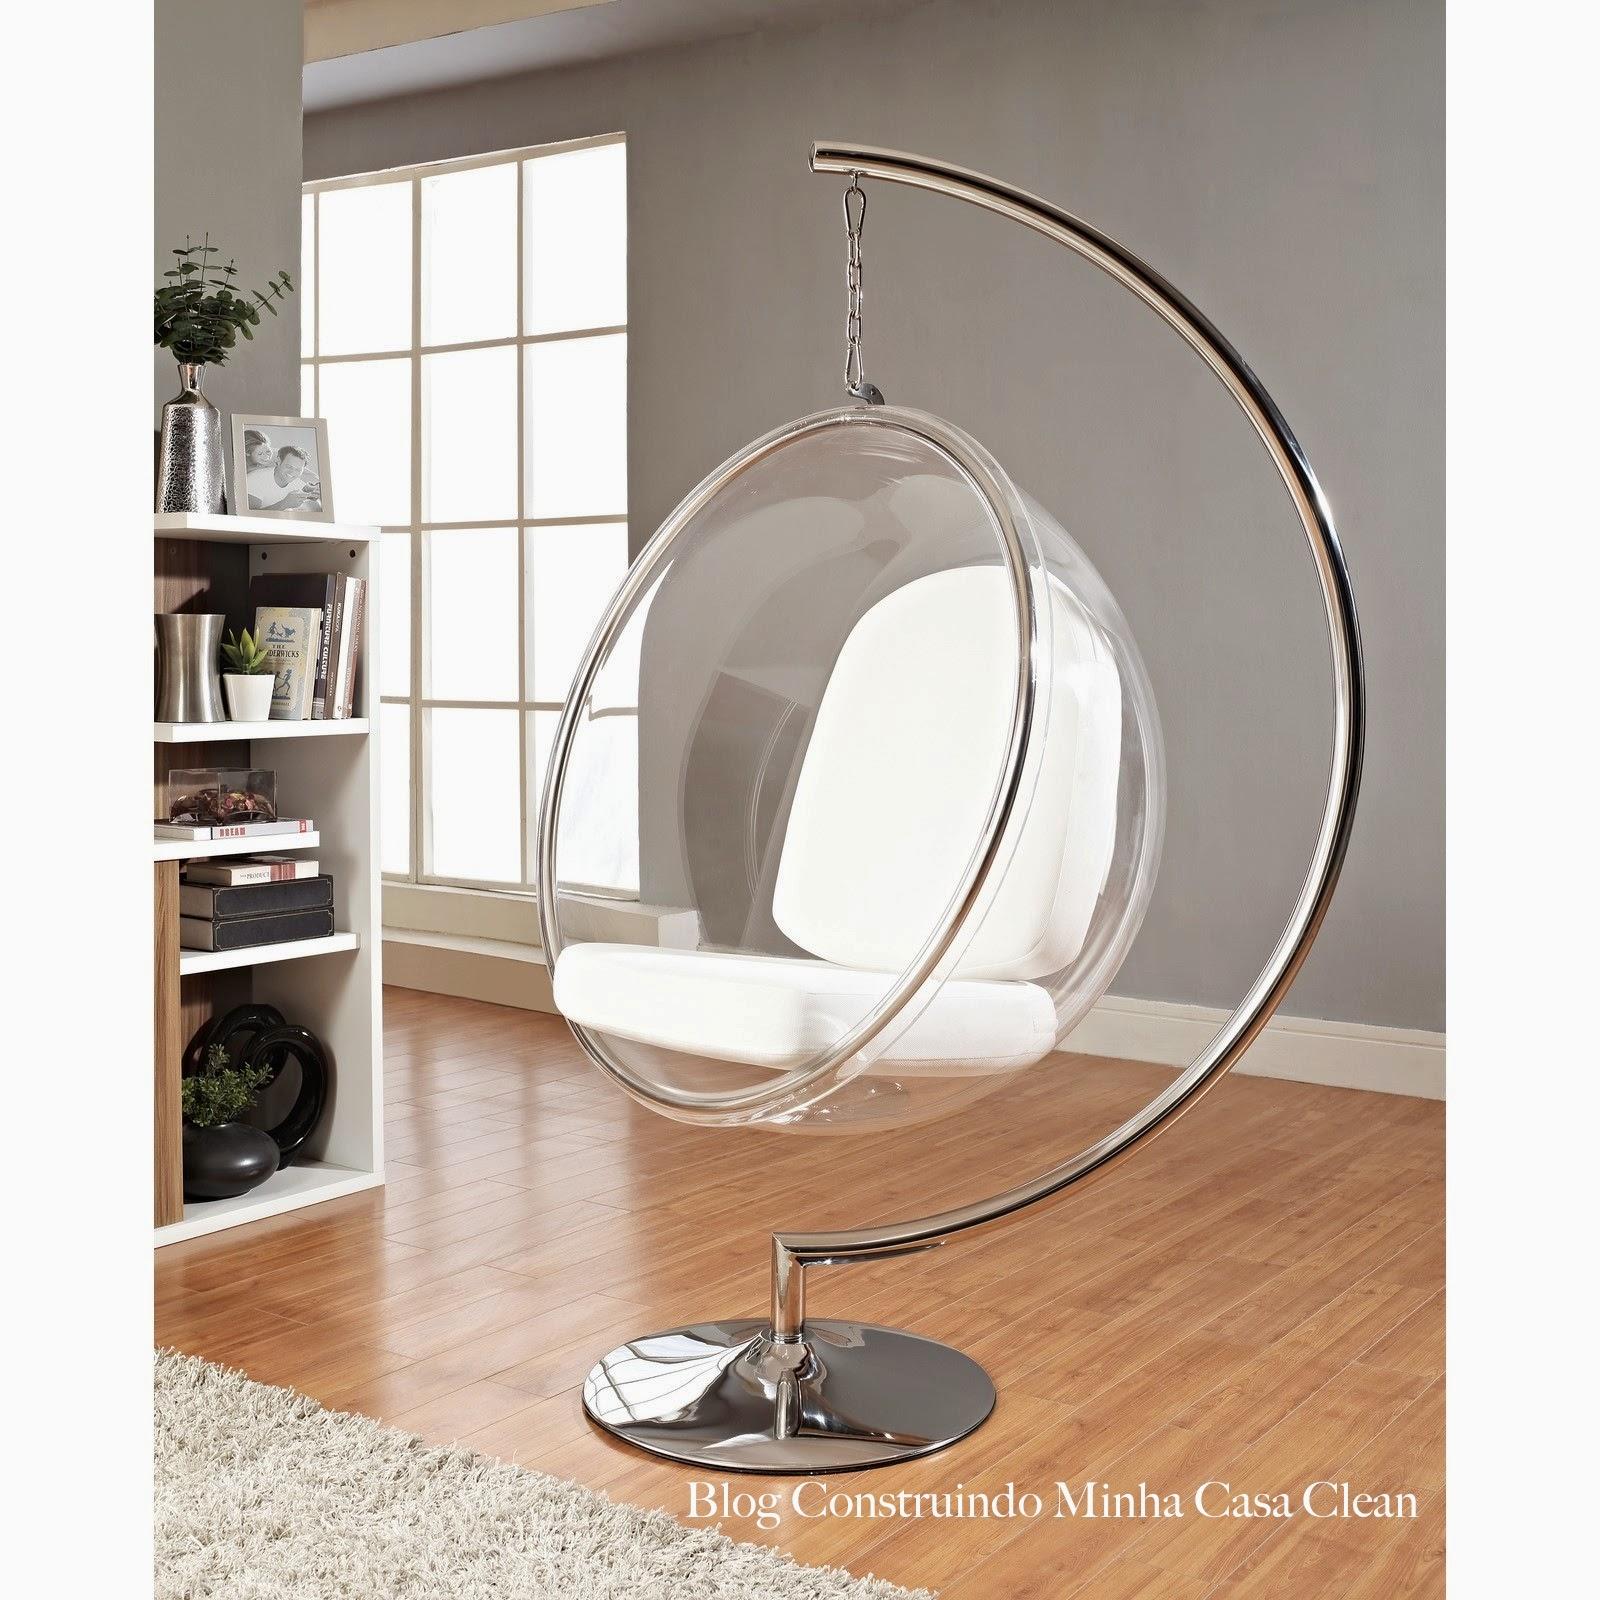 Eero Aarnio Bubble Chair Kenny Chesney Blue Bay Construindo Minha Casa Clean Cadeiras A